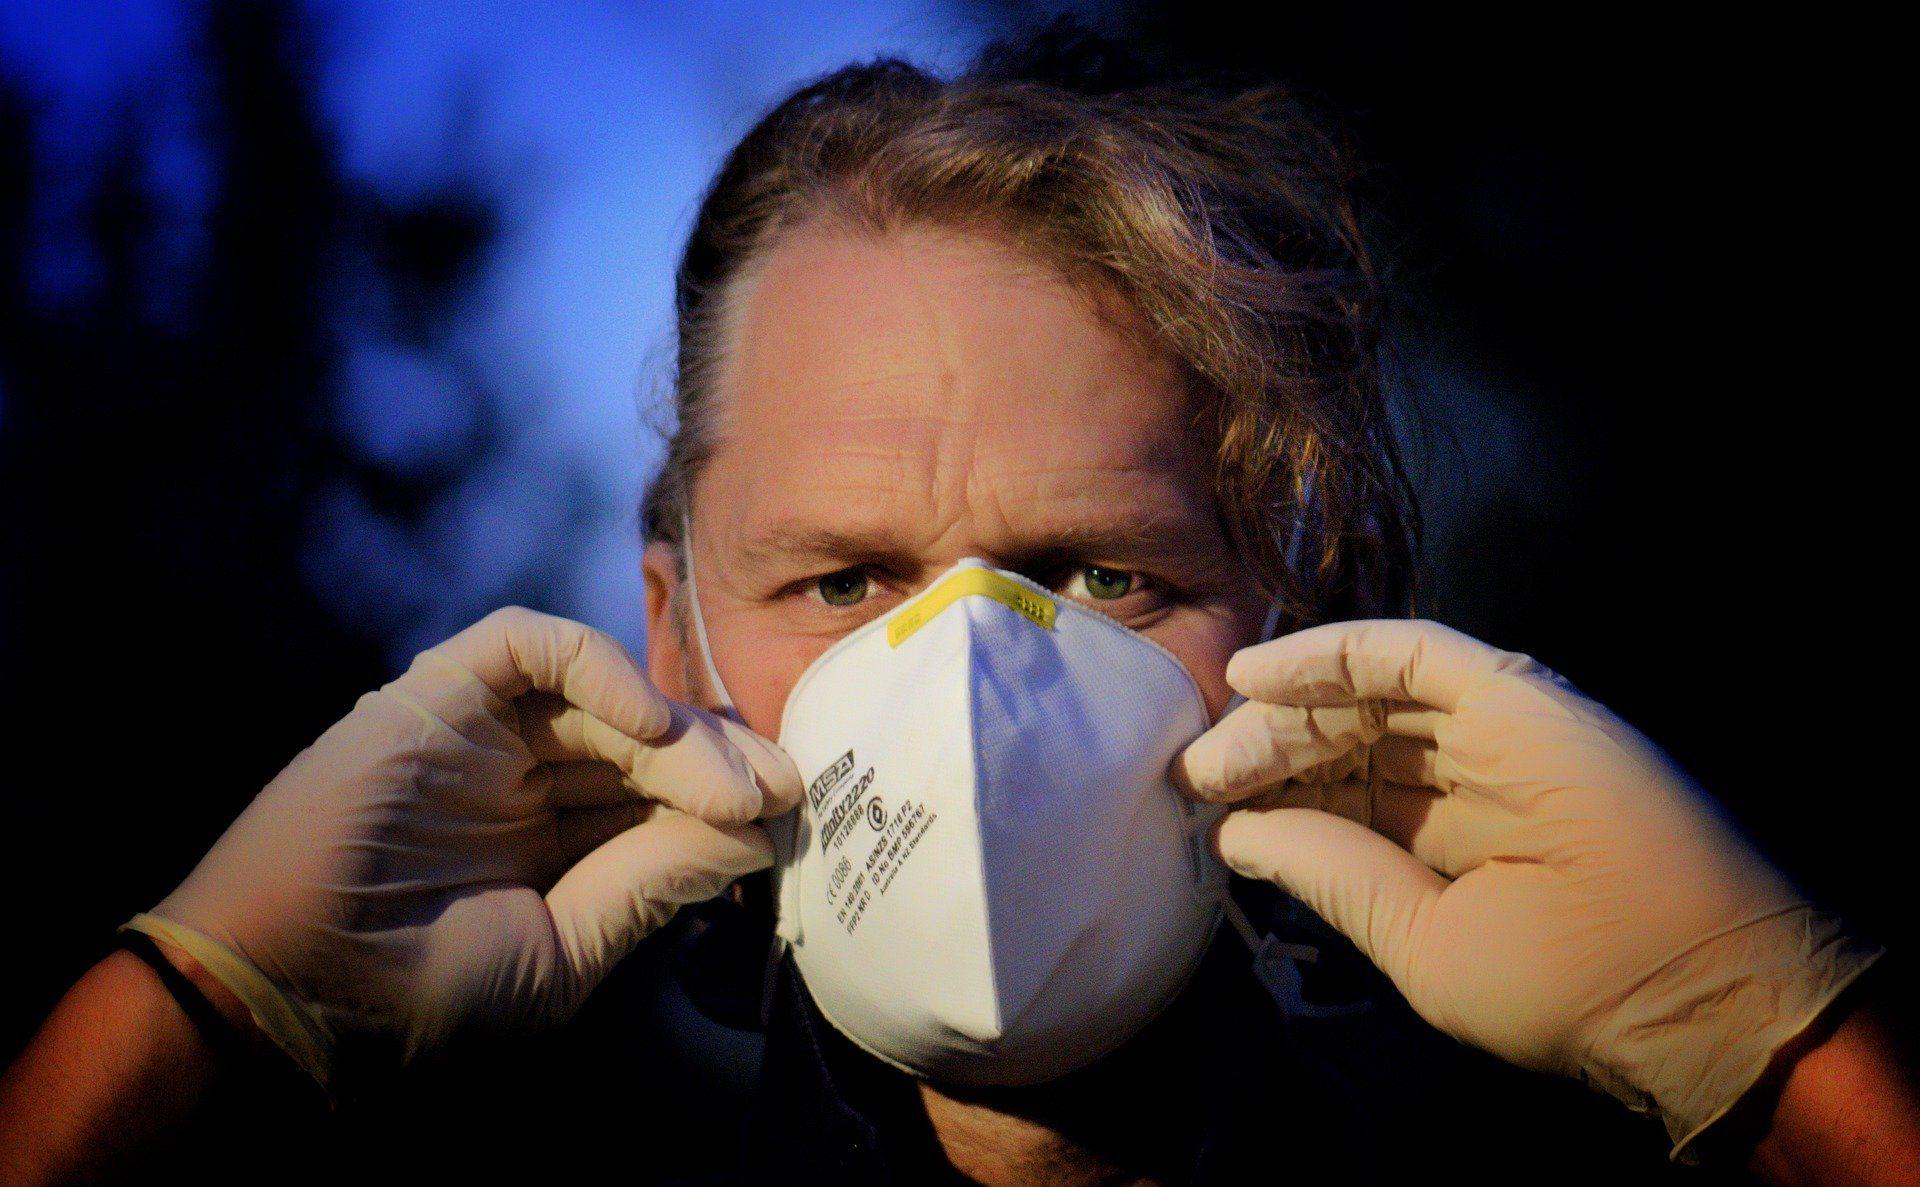 Coronavirus : La Chine livre des tests et masques défectueux à l'Espagne et aux Pays-Bas